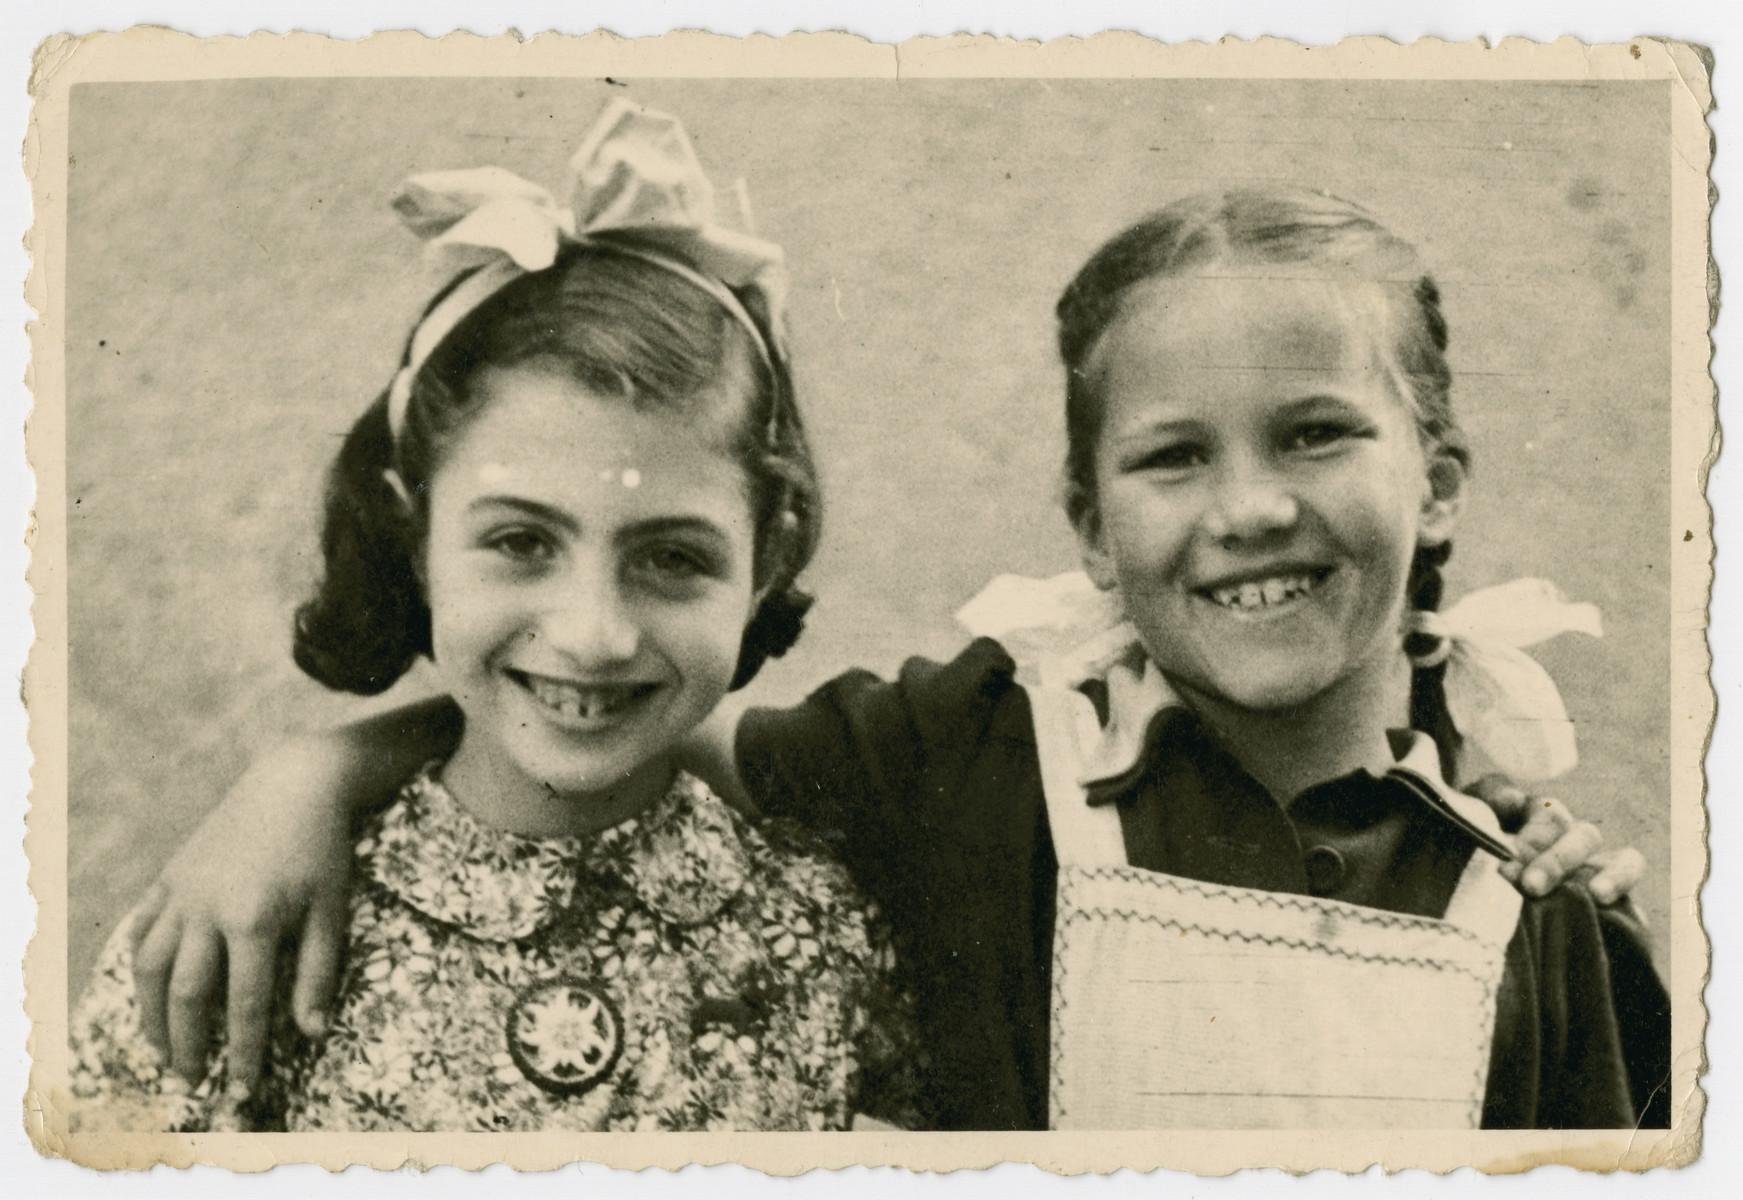 Eva Schonberg, a Jewish refugee child in Zurich, poses with her best friend Heidi.